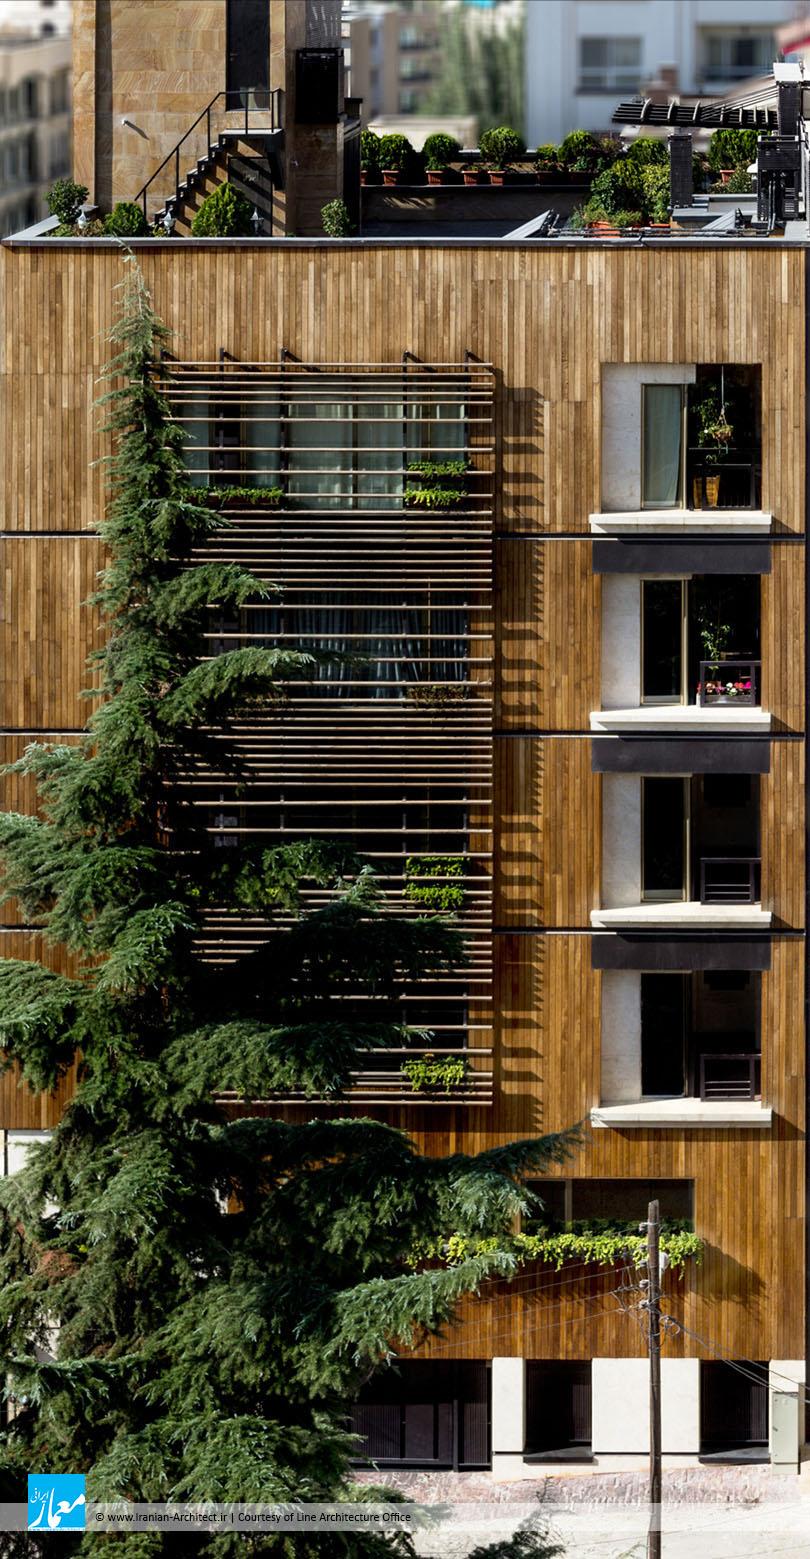 ساختمان مسکونی زعفرانیه / دفتر معماری لاین